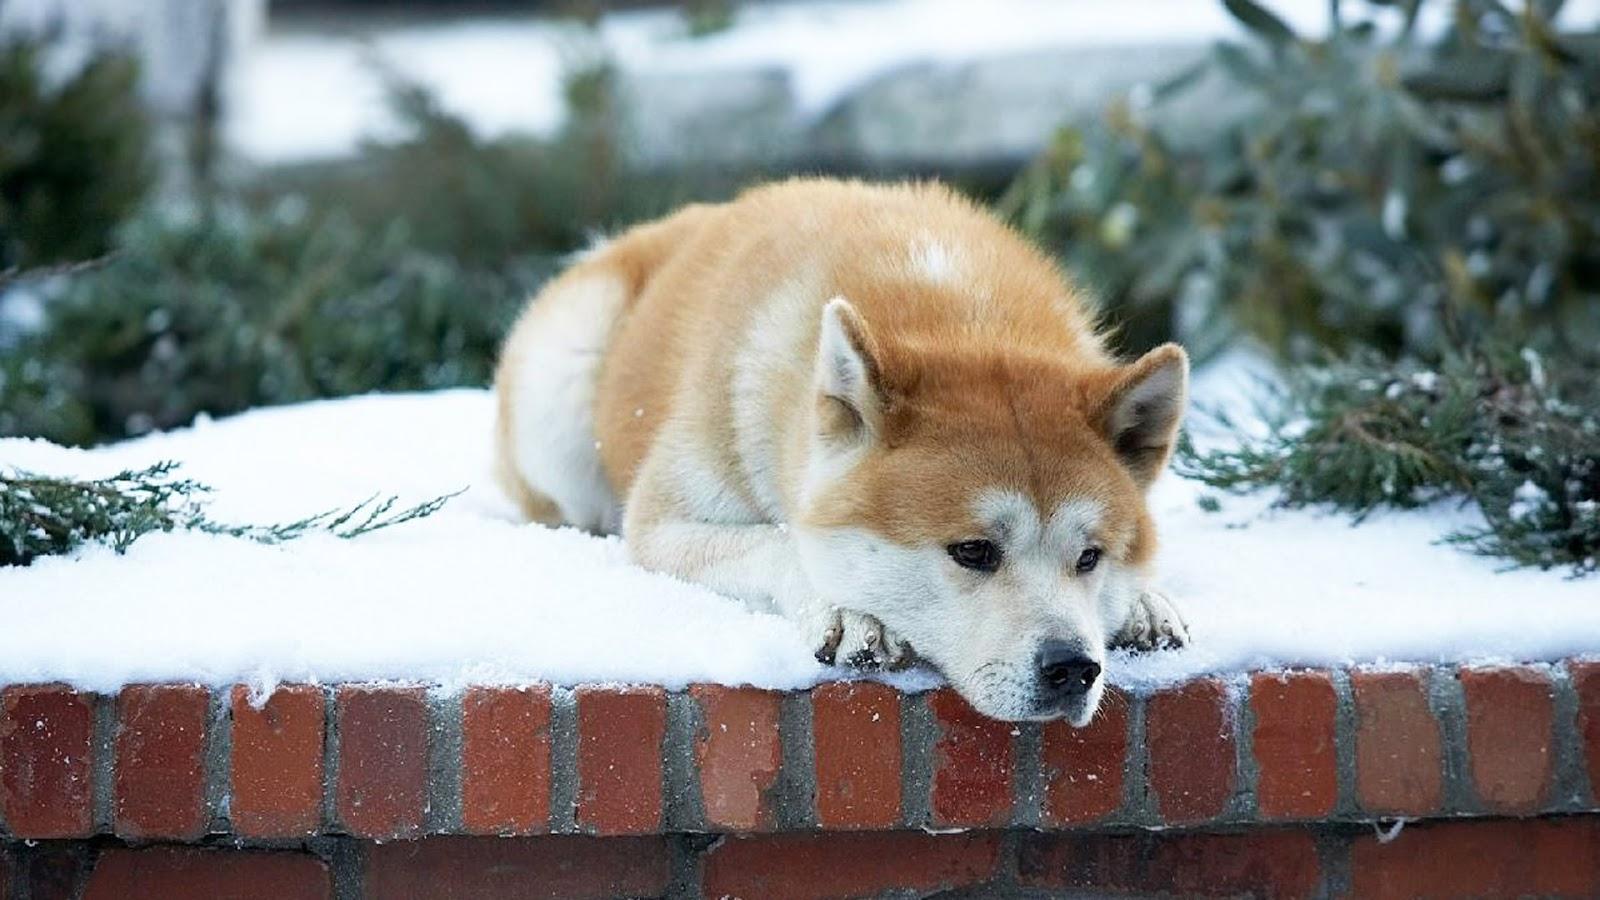 Kisah Menginspirasi Dari Seekor Anjing Yang Bernama Hachiko